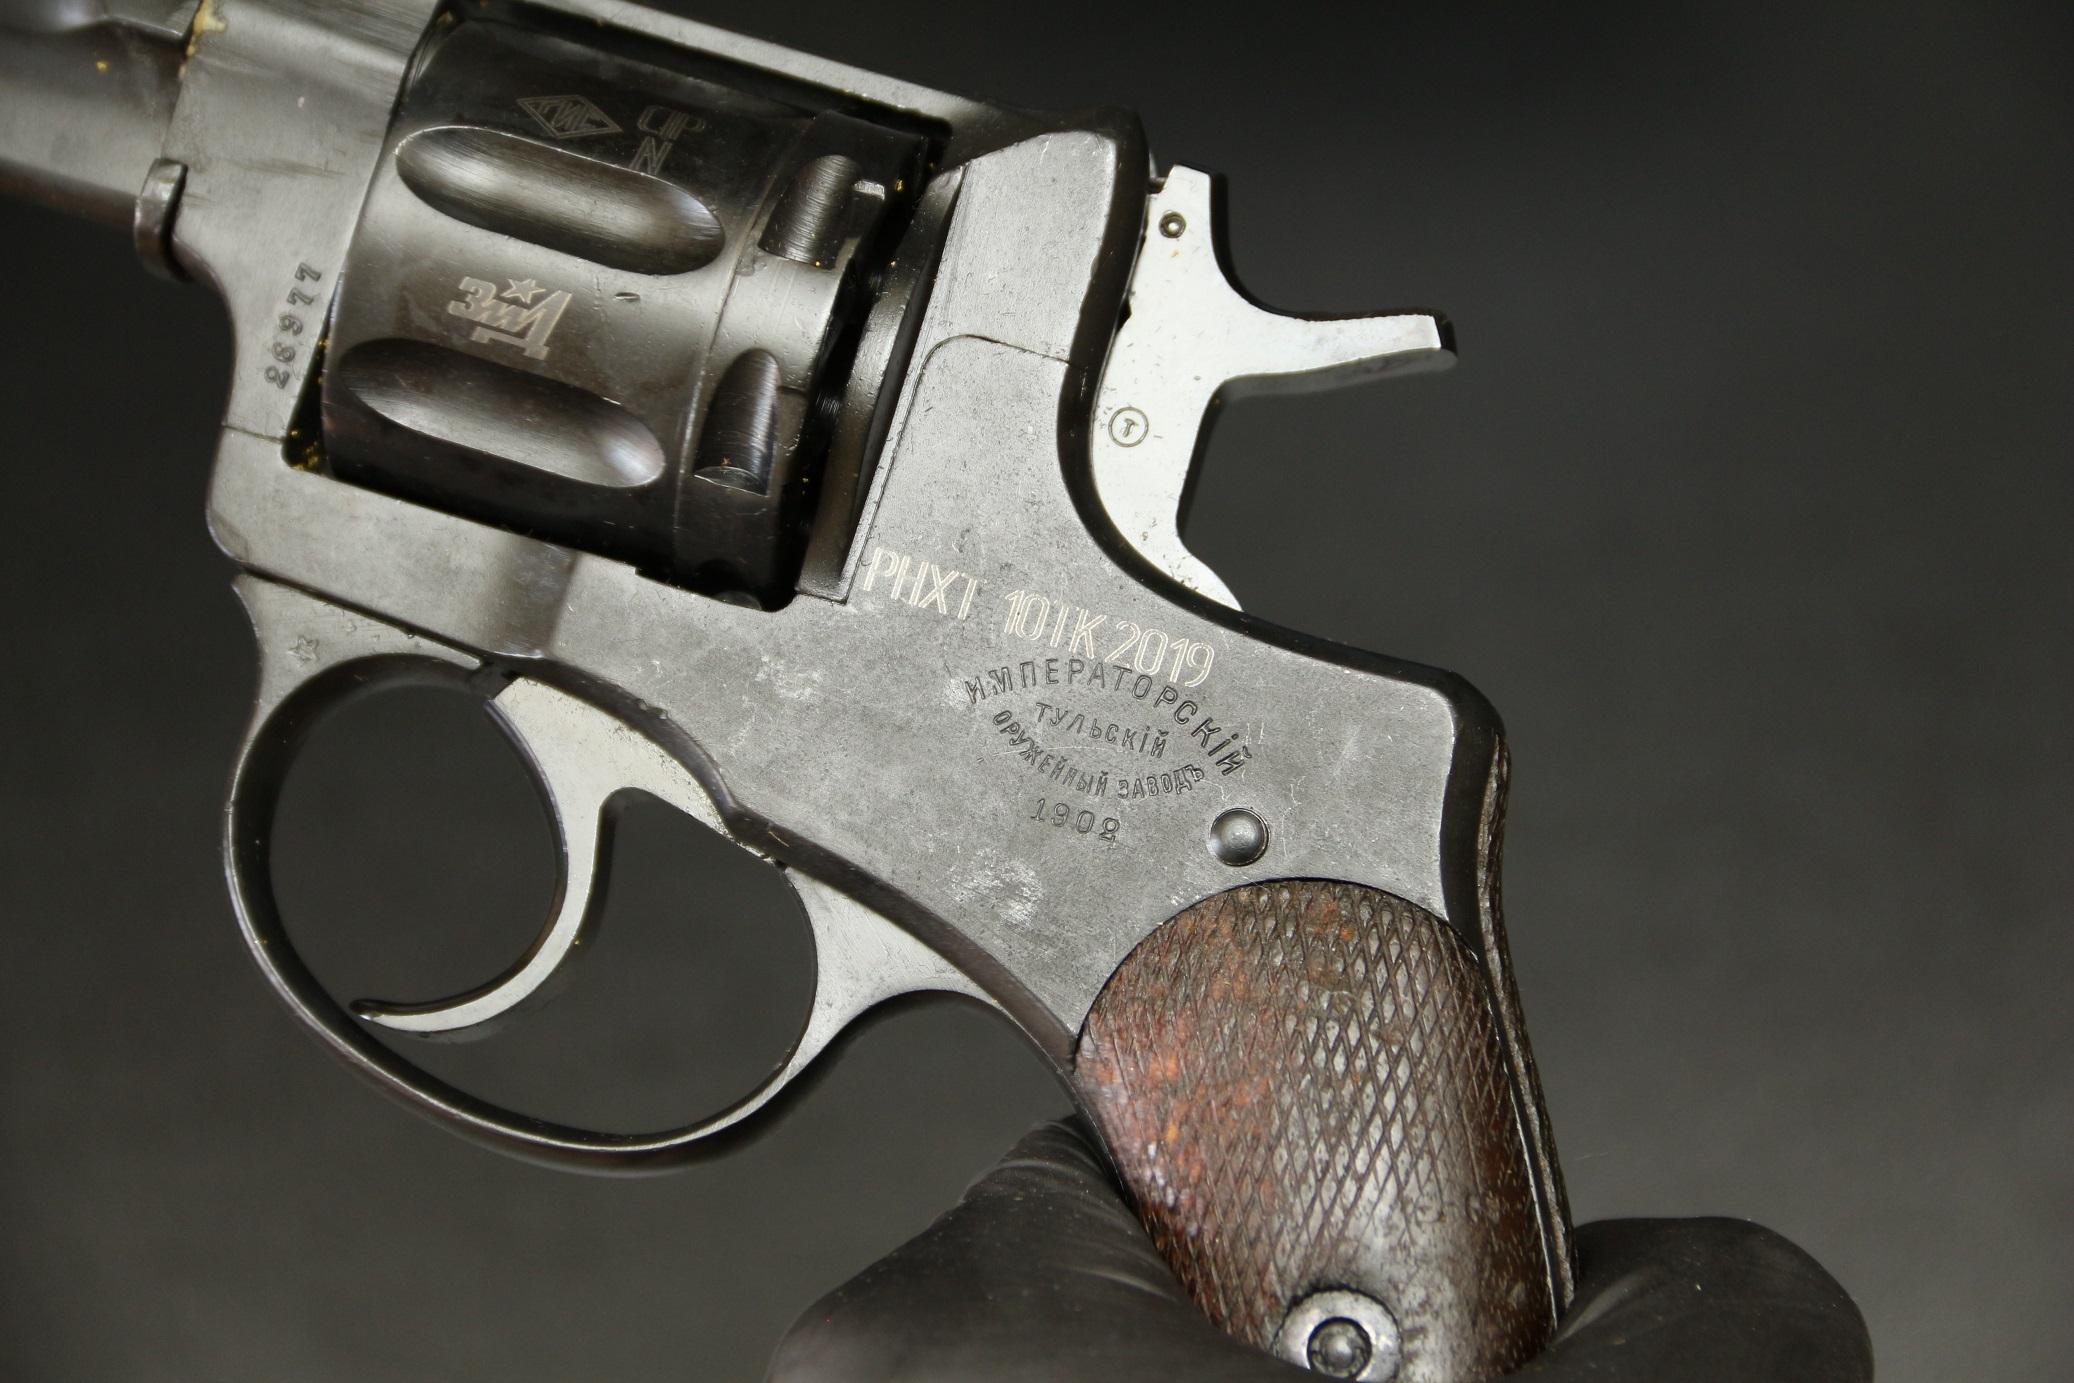 Охолощенный револьвер Наган 1902 года №26977, царский, состояние